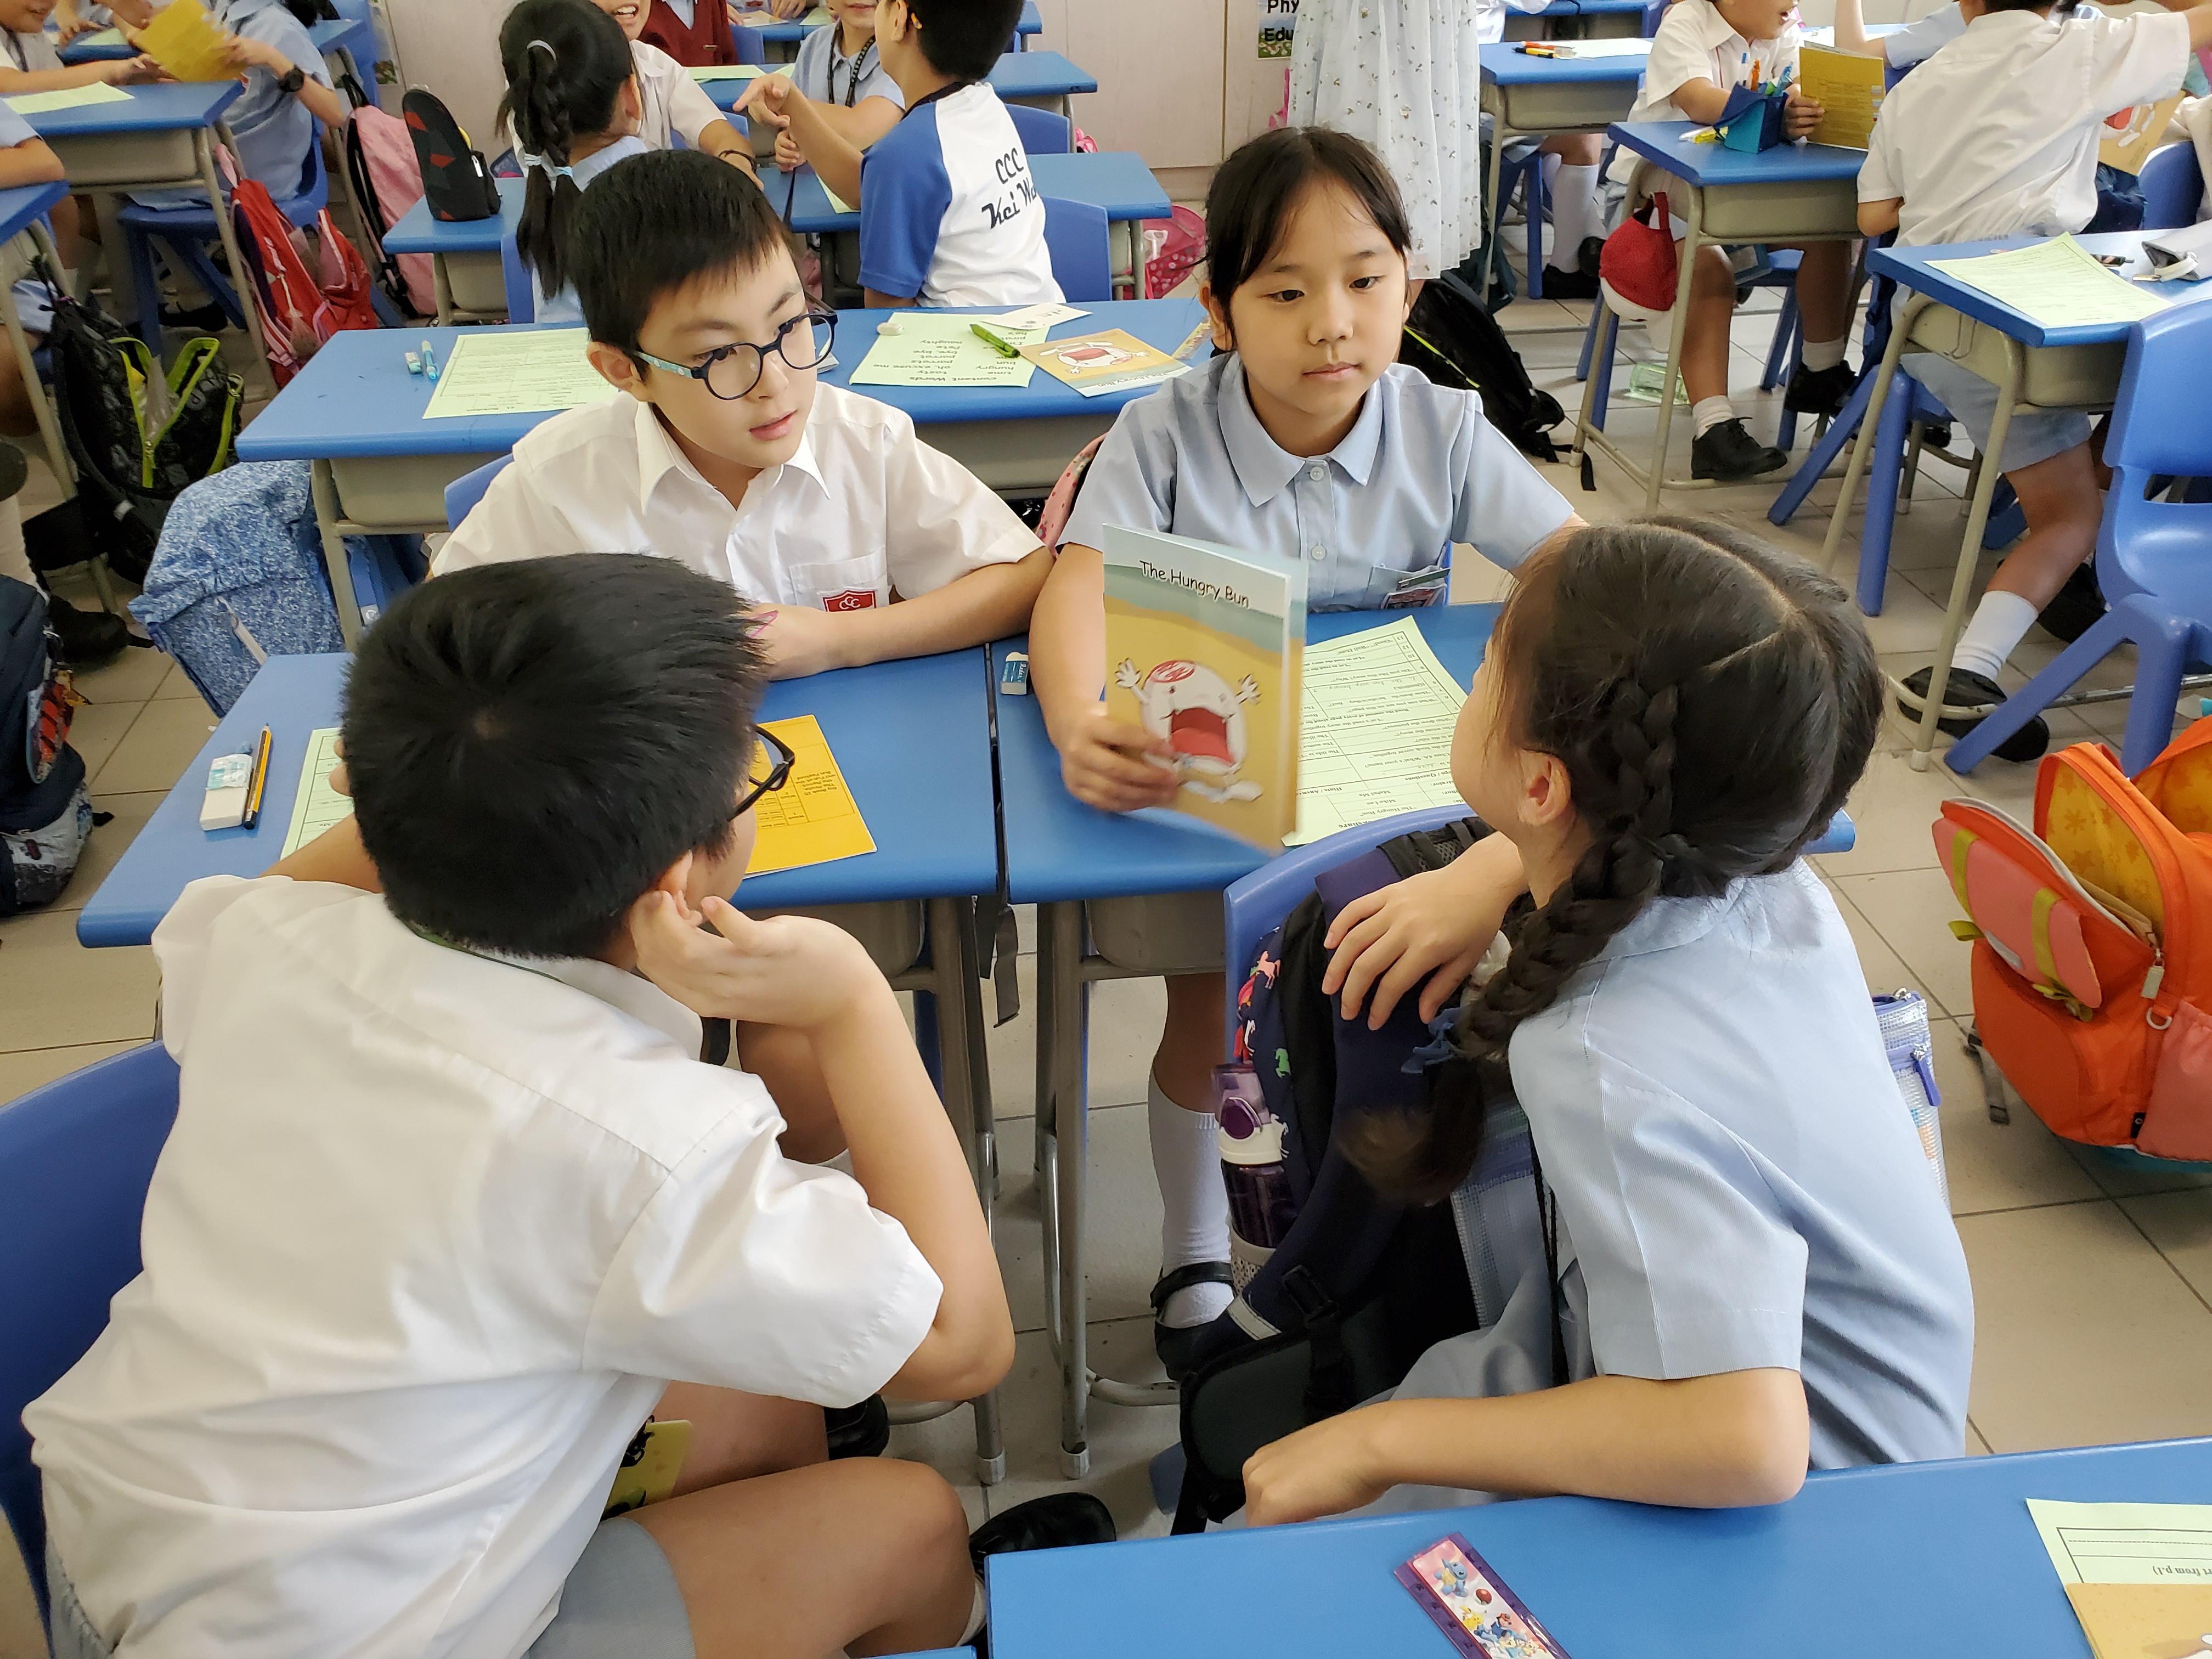 http://www.keiwan.edu.hk/sites/default/files/17_2.jpg